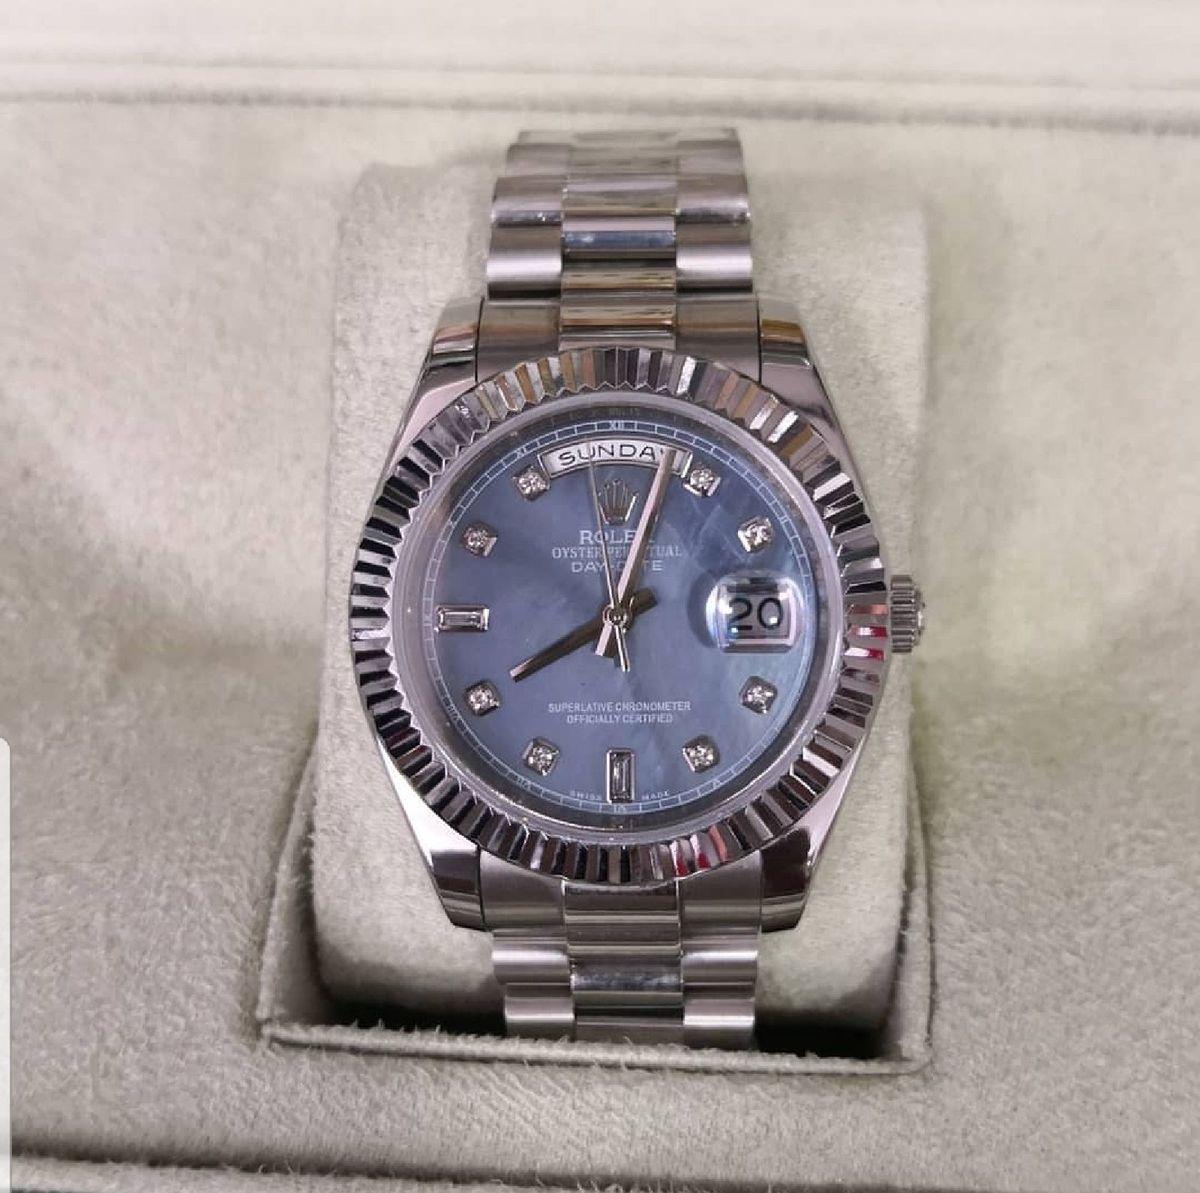 fe8ee52b650 rolex datejust cravejado - relógios rolex.  Czm6ly9wag90b3muzw5qb2vplmnvbs5ici9wcm9kdwn0cy80mzq0mdavyjzjndzhowu5zji4ywq1ntzlmgjkzdq2mdk2ywu1yzcuanbn  ...